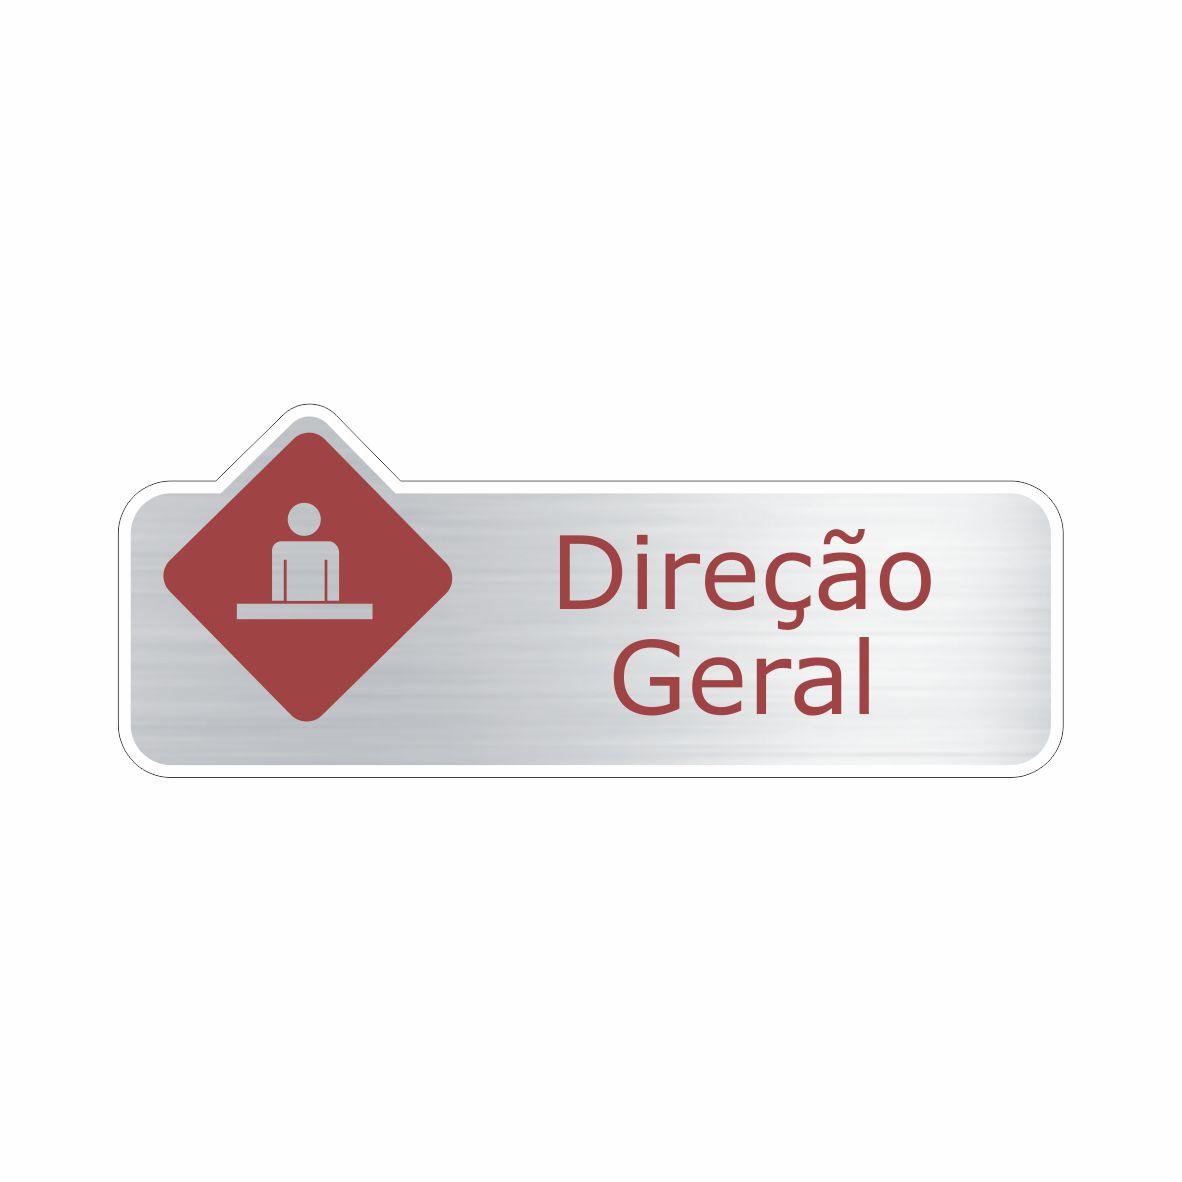 Direção geral  - Towbar Sinalização de Segurança